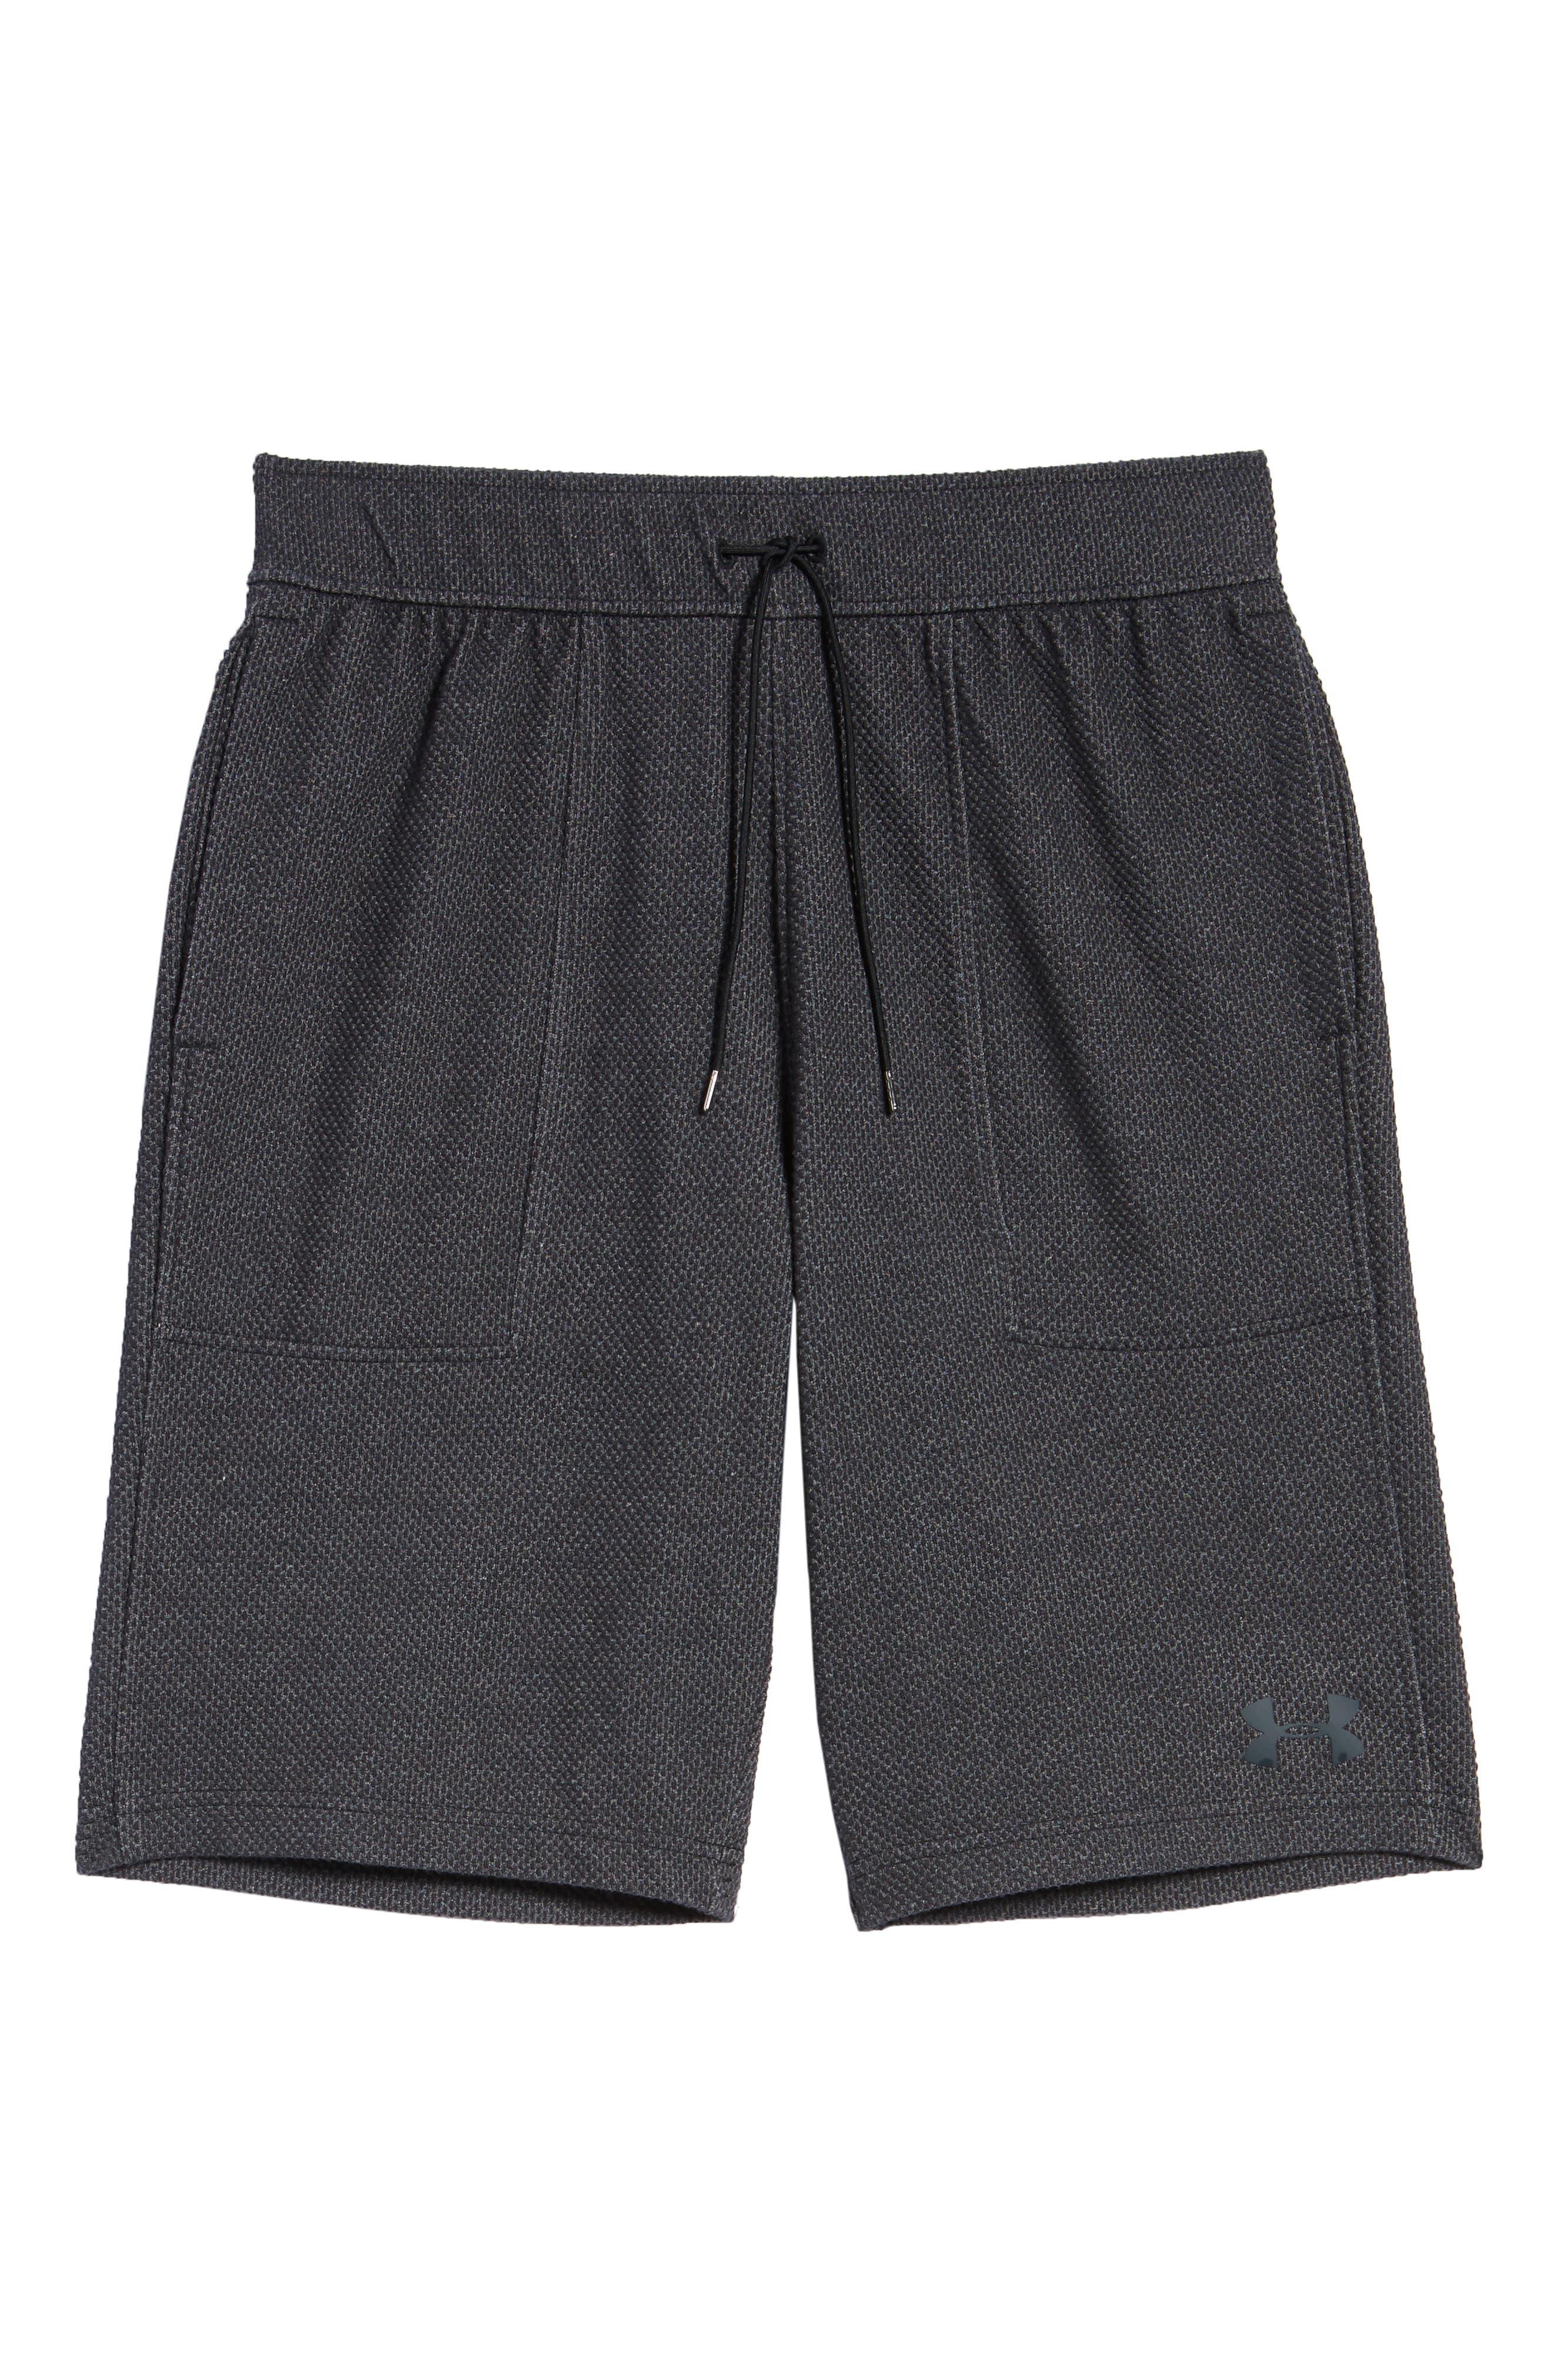 Pursuit Fleece Trim Fit Shorts,                             Alternate thumbnail 6, color,                             BLACK/ BLACK/ STEALTH GRAY